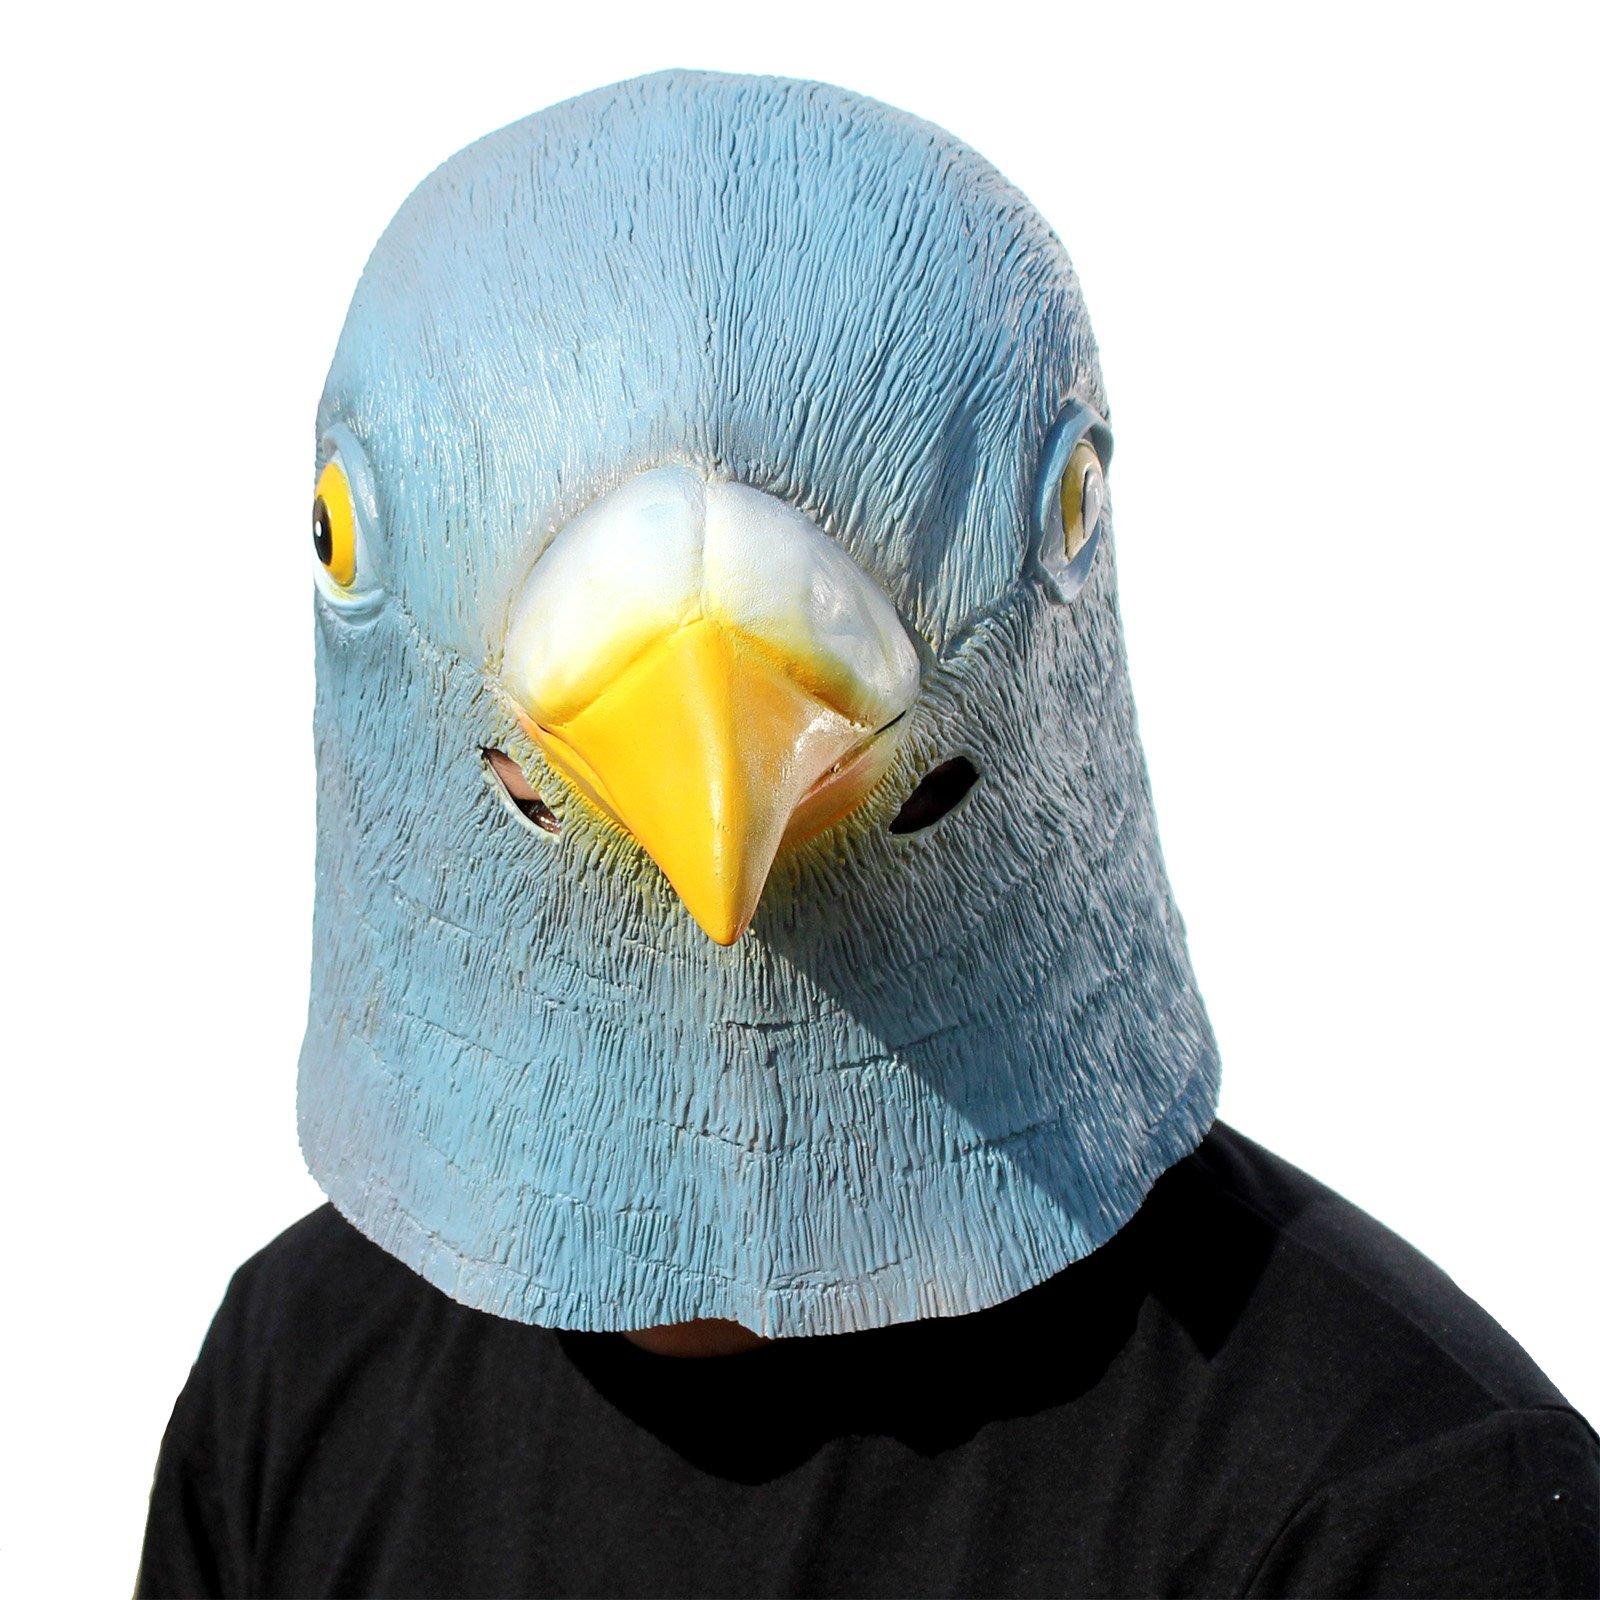 ویکالا · خرید  اصل اورجینال · خرید از آمازون · CreepyParty Novelty Halloween Costume Party Latex Birds Head Mask (Pigeon) Blue wekala · ویکالا